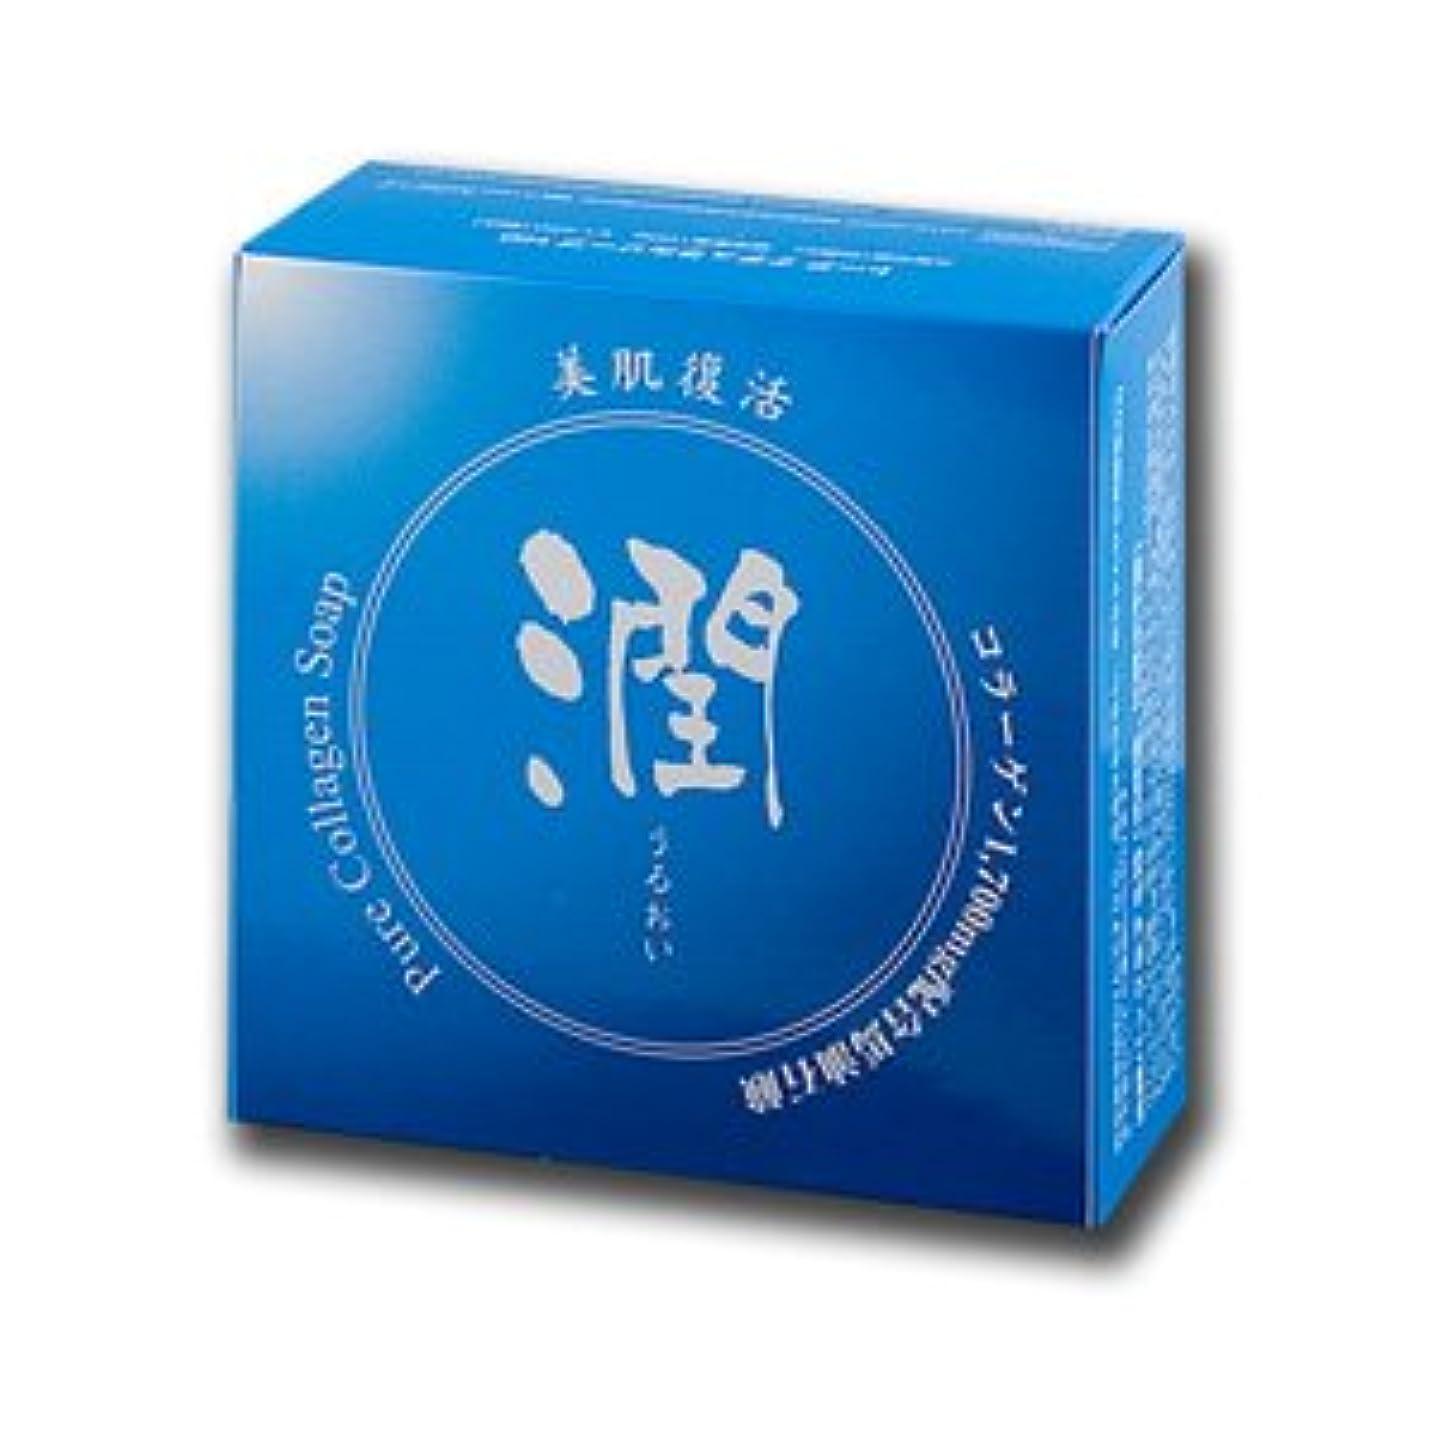 でる第五納税者コラーゲン馬油石鹸 潤 100g (#800410) ×5個セット